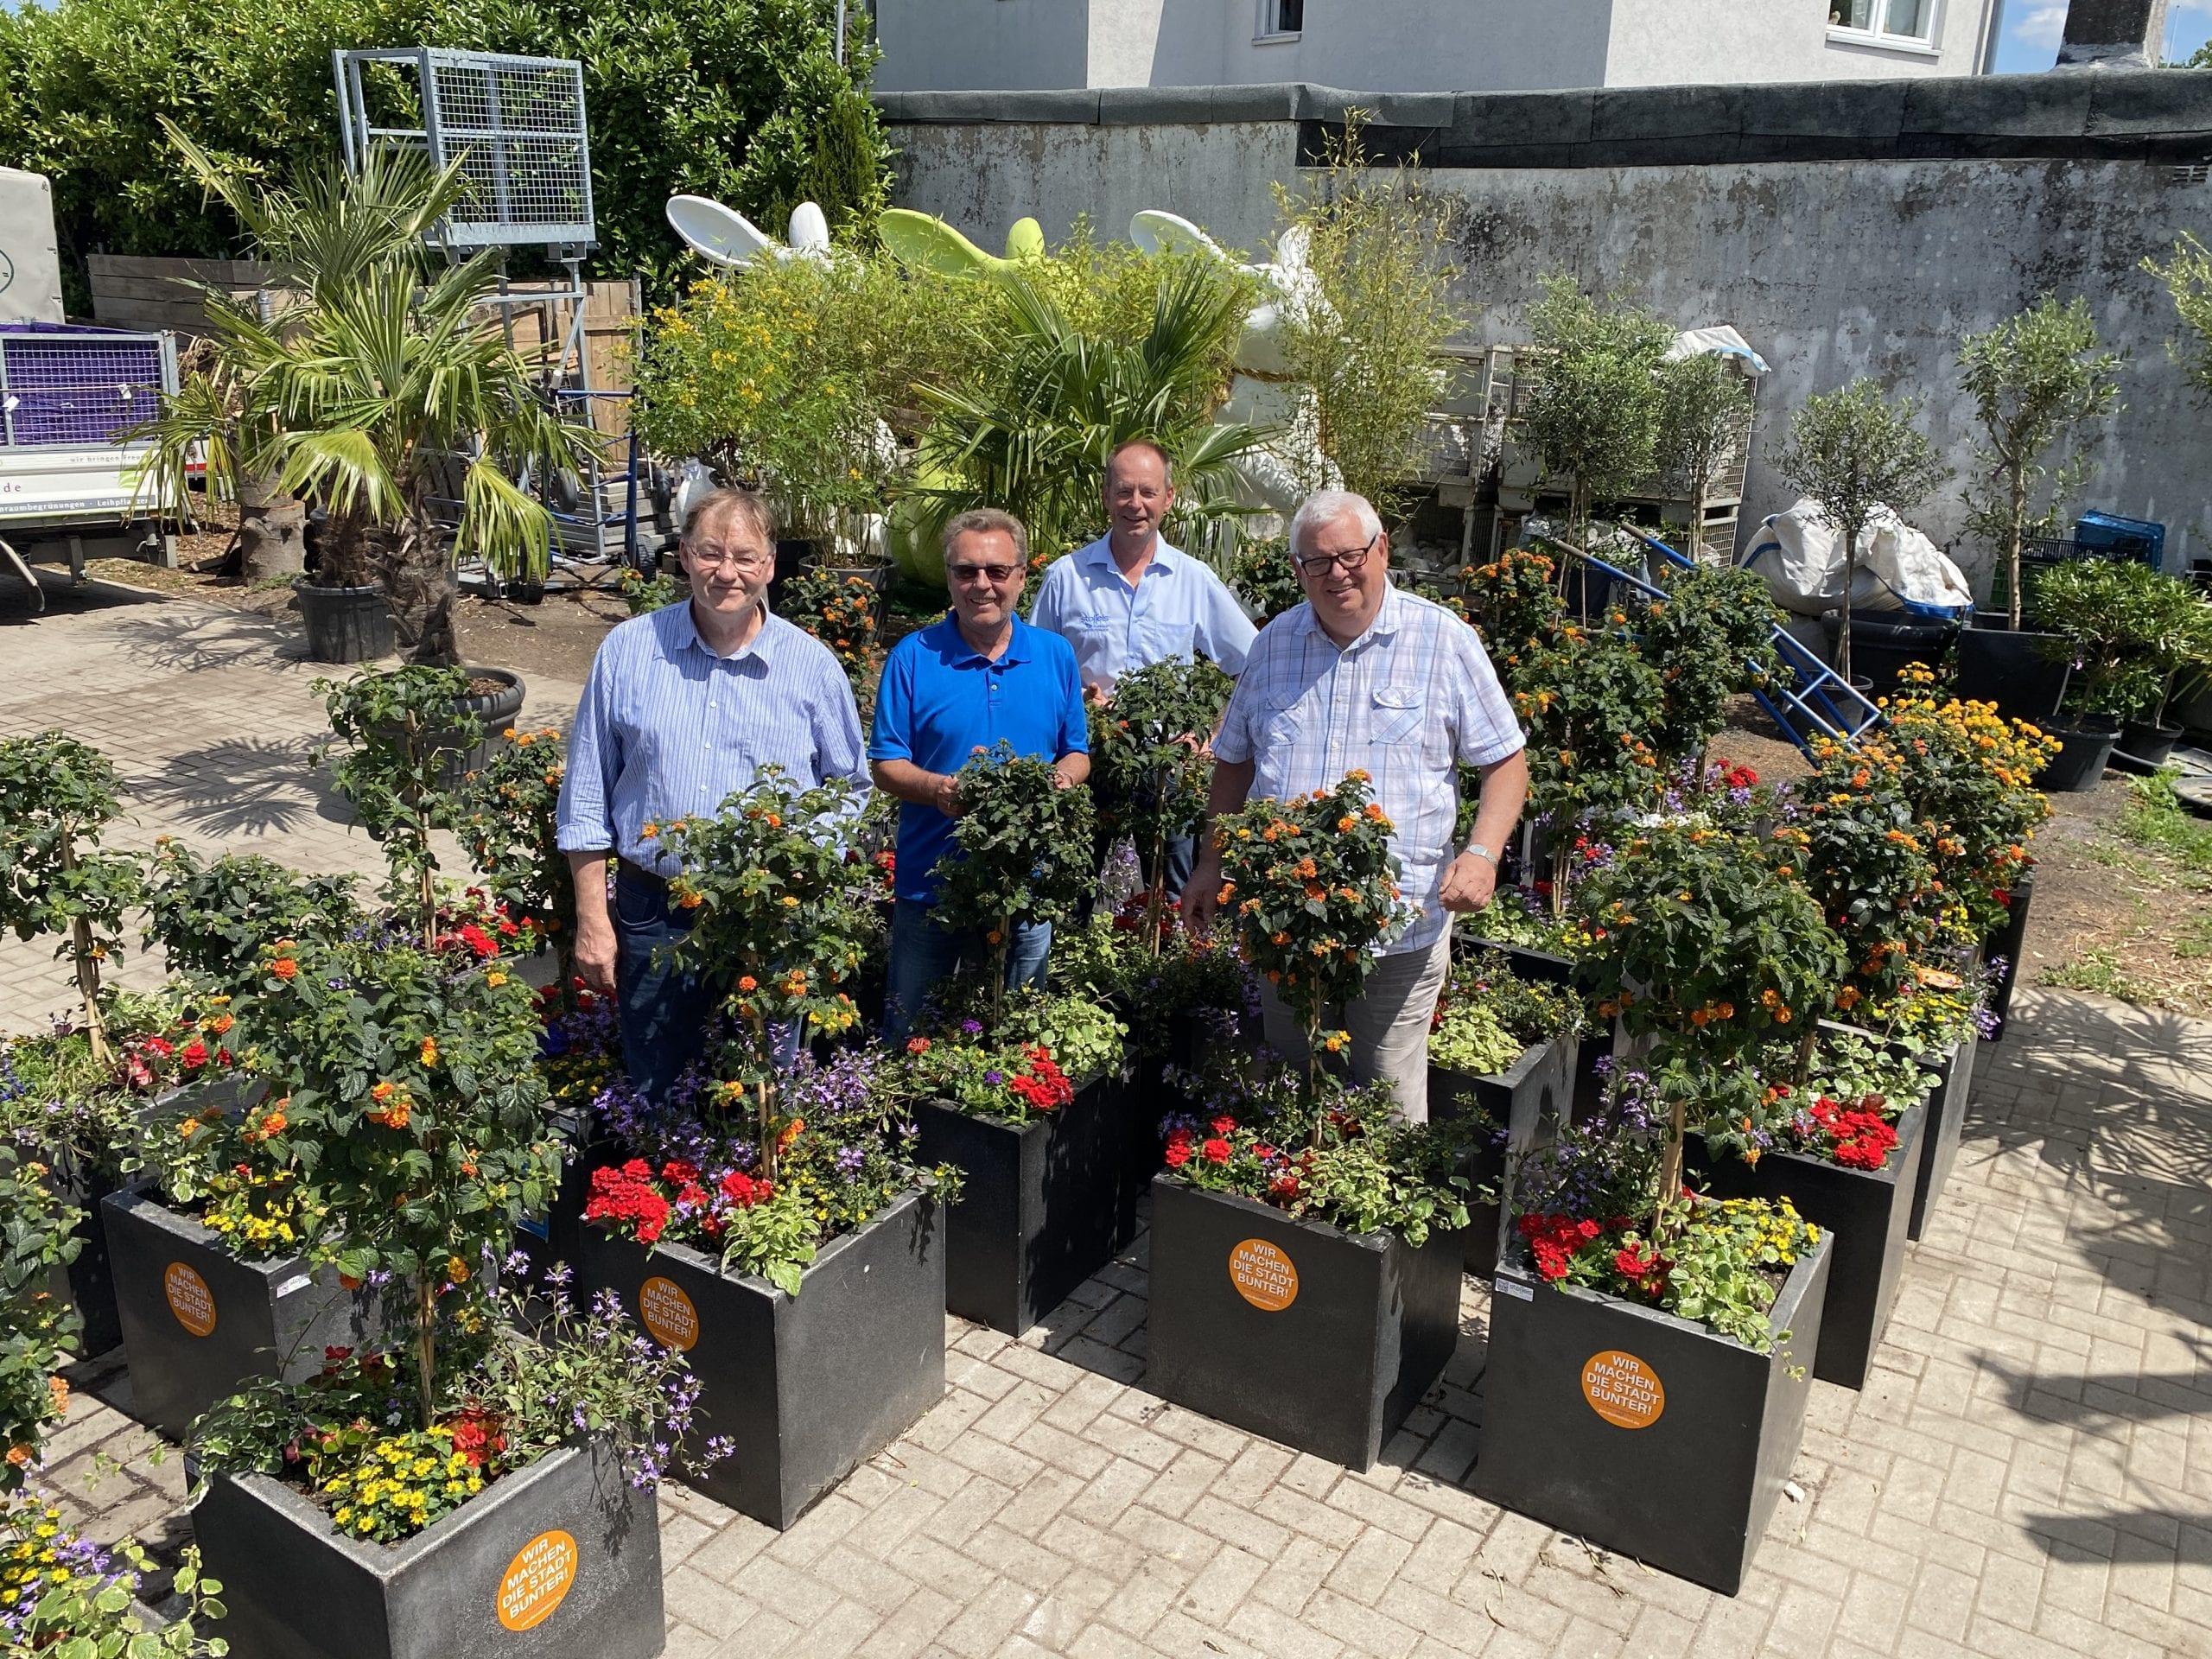 400 Blumenoasen für Düsseldorfer Stadtteile